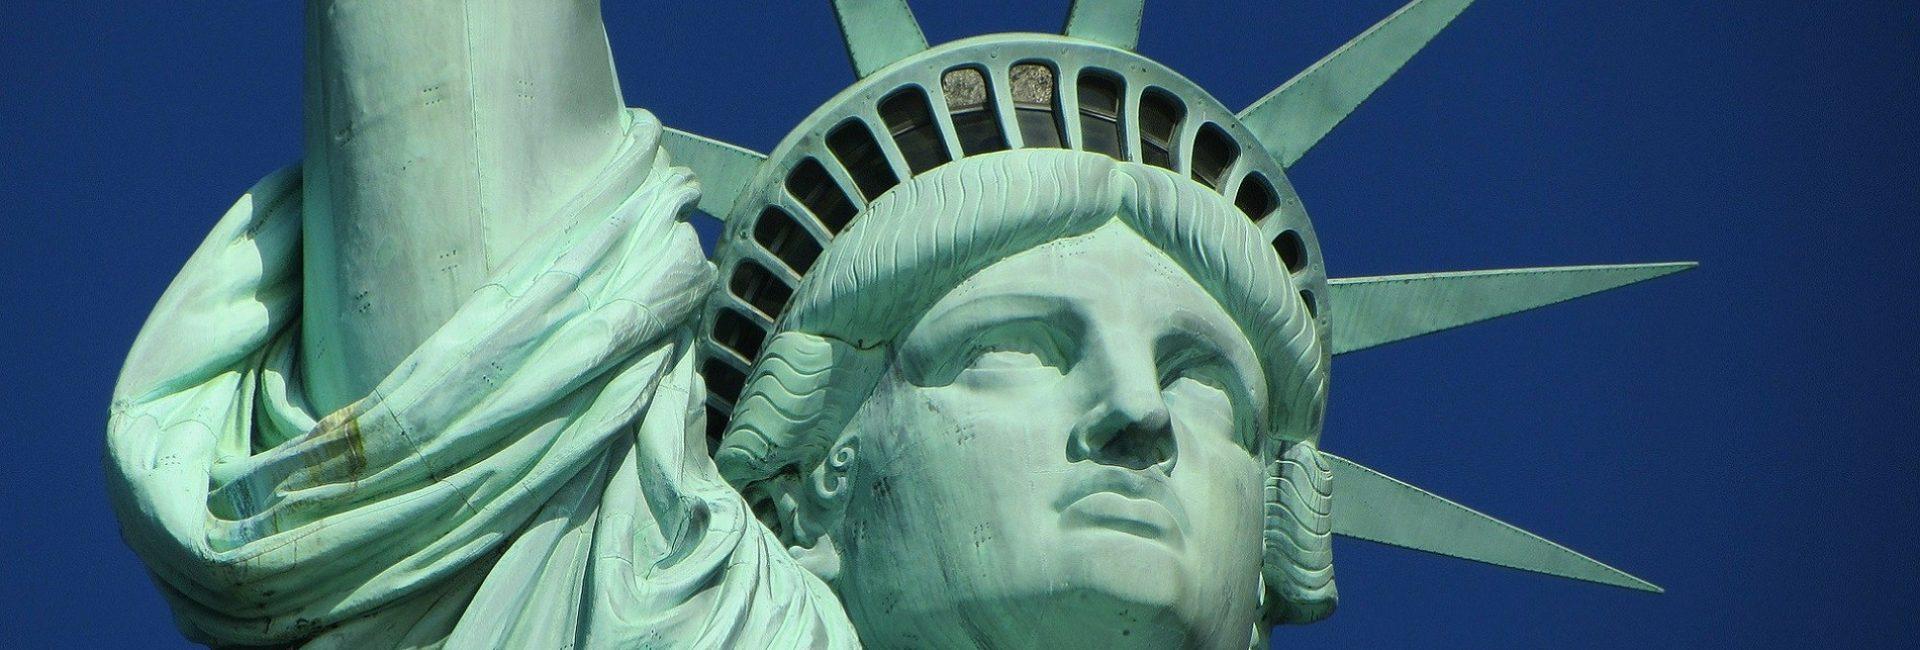 Tečaj engleskog jezika - školska godina u Americi